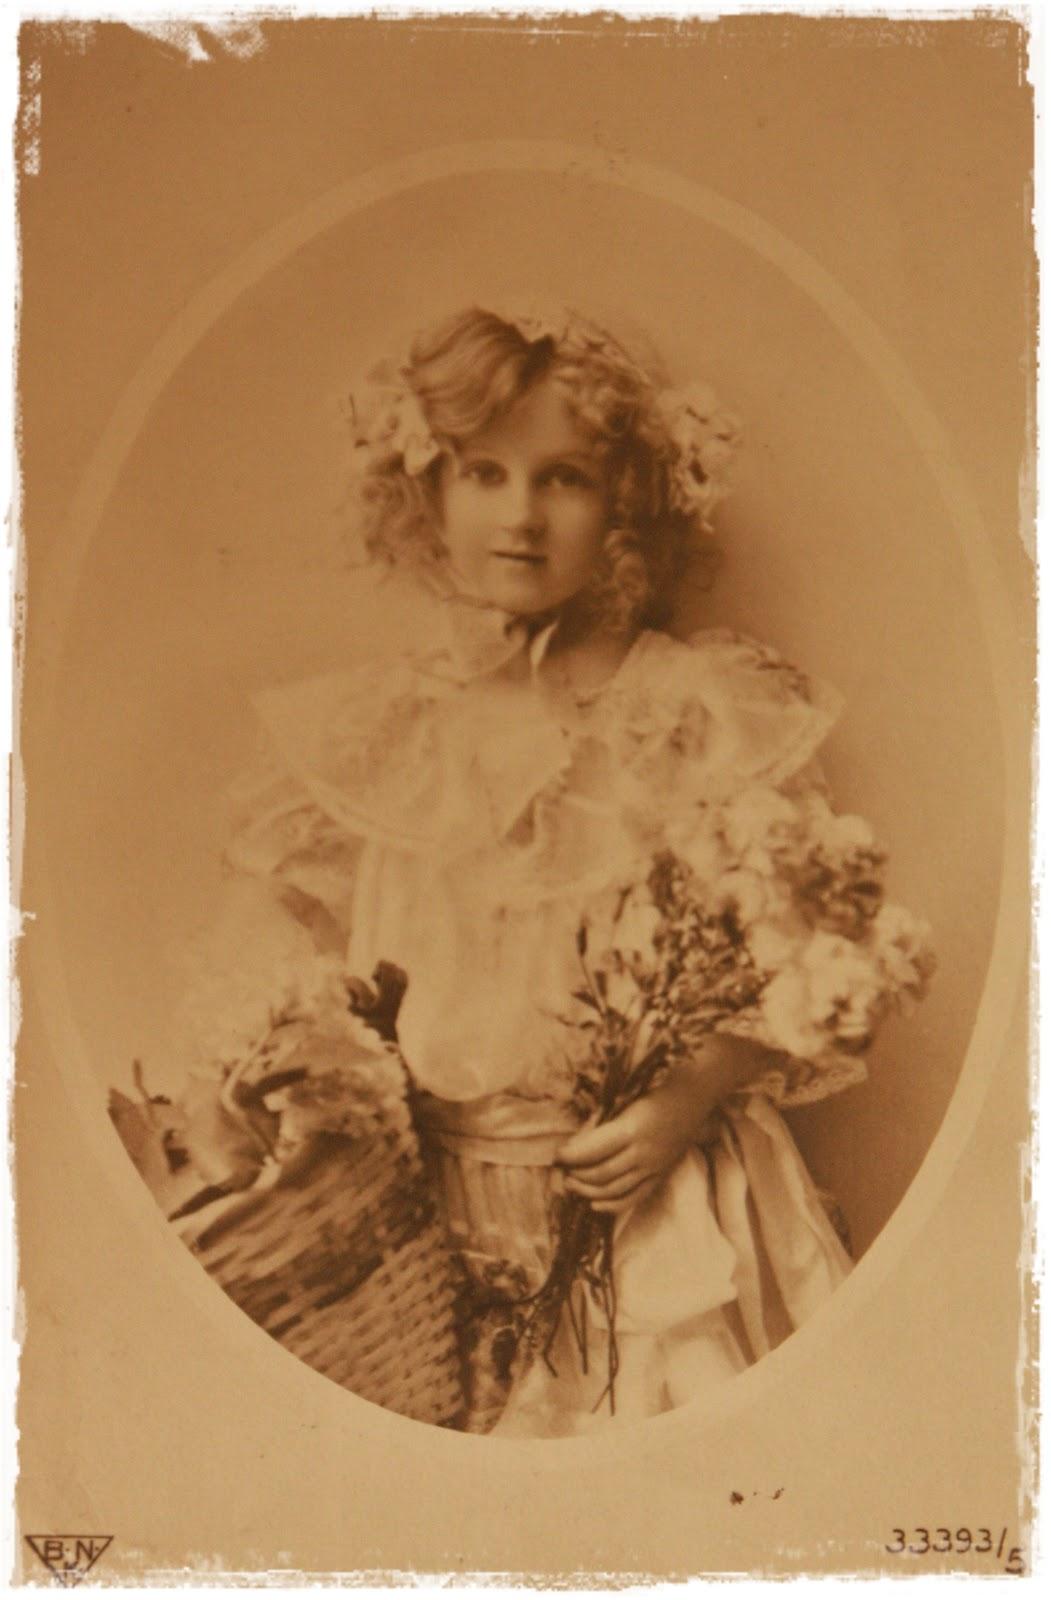 Huis tuin en tollerblog oude boekjes oude plaatjes - Jaar oude meisje kamer foto ...